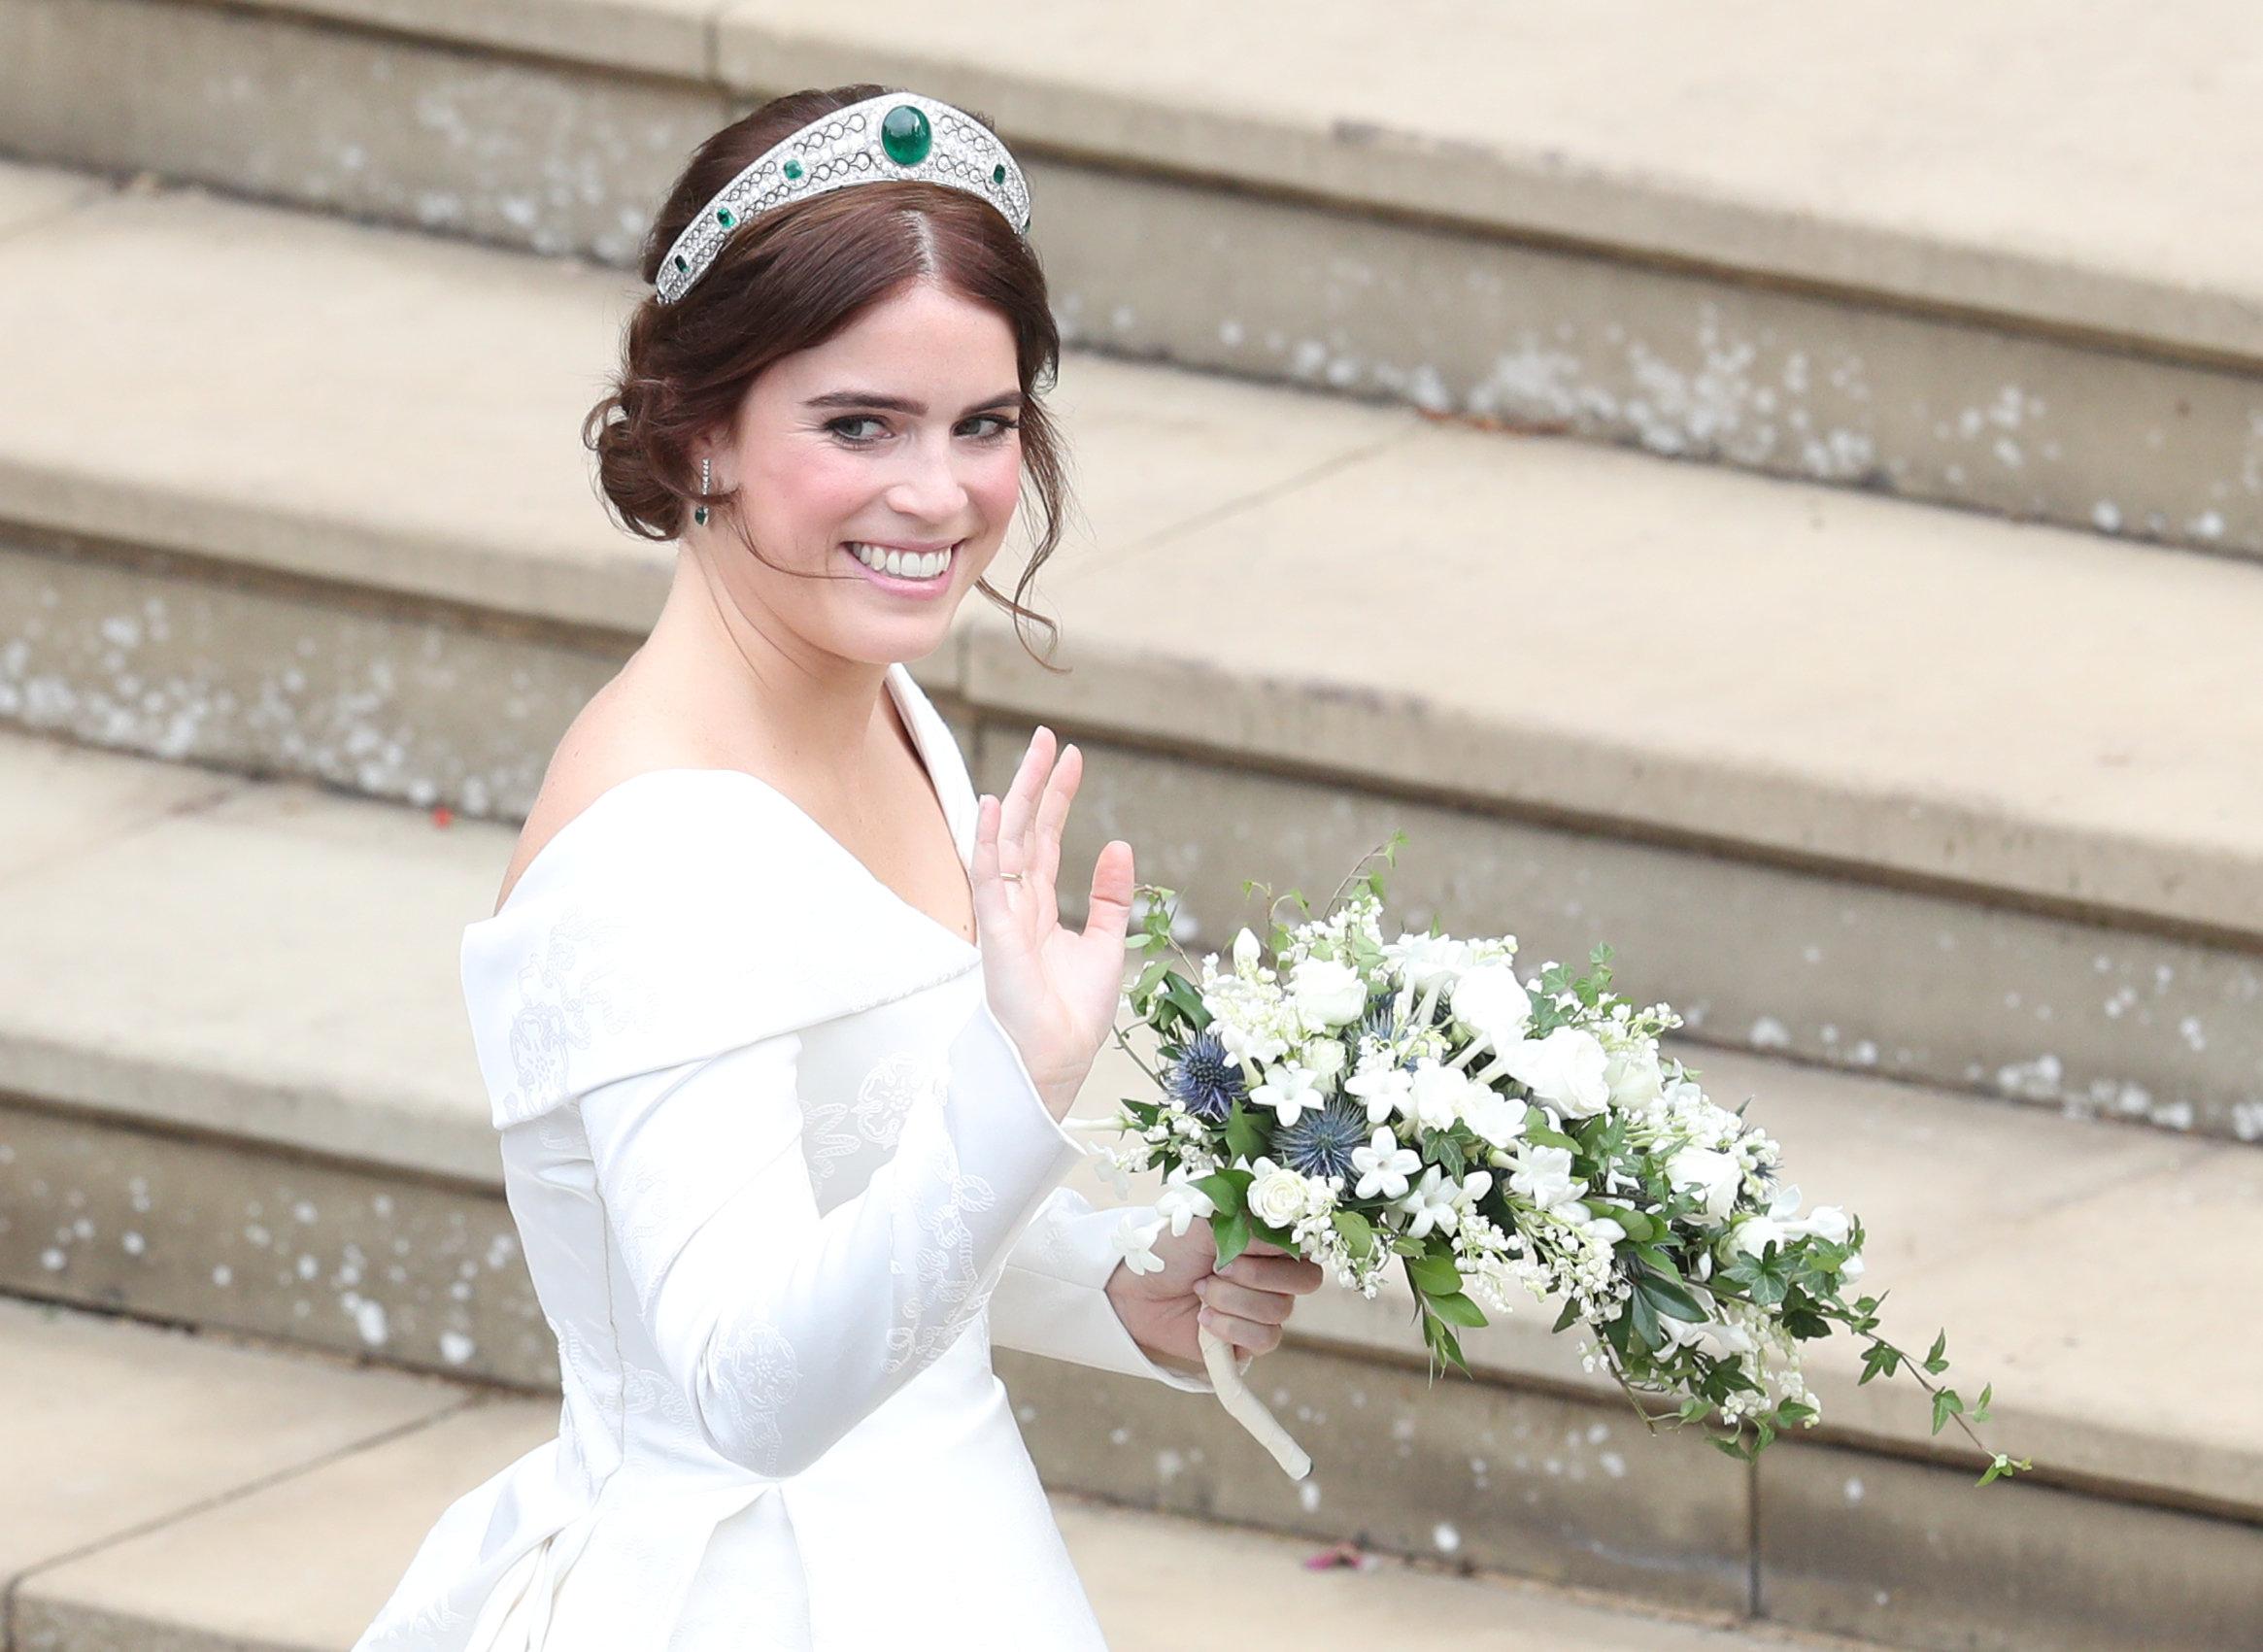 الأميرة يوجينى بفستان الزفاف (2)